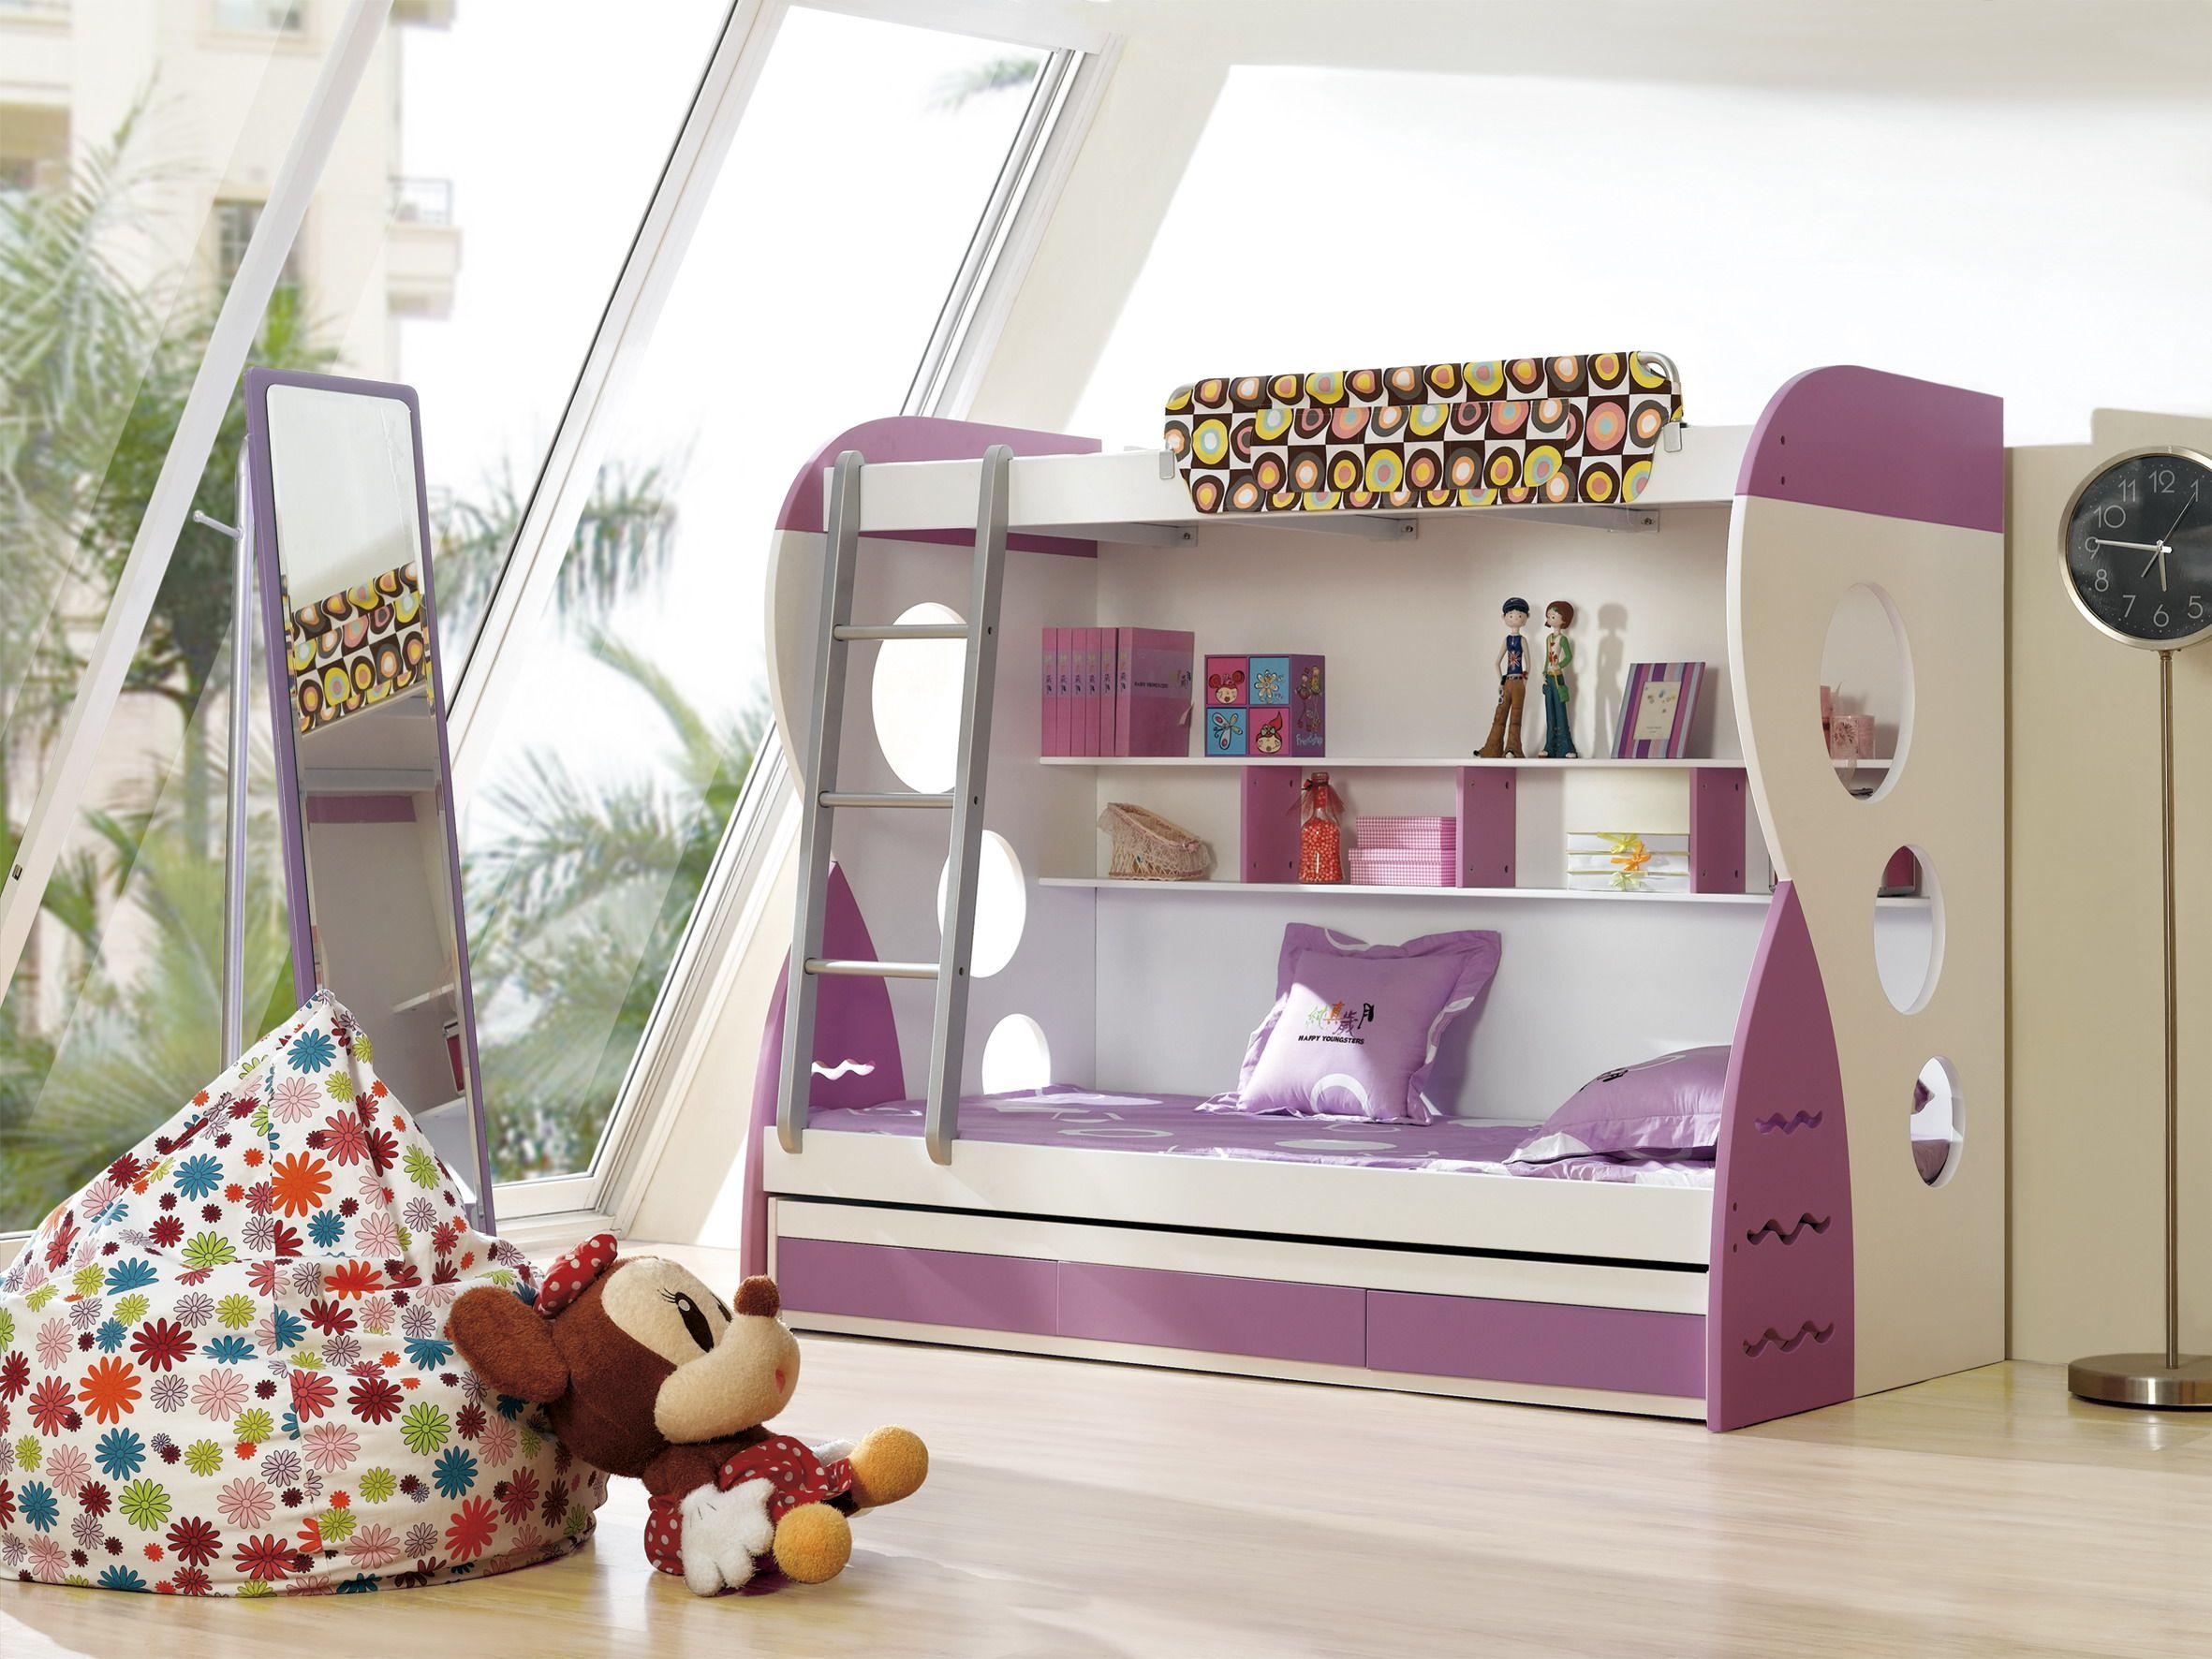 Etagenbett Kleinkinder : Baby etagenbett kinder bett mit rutsche etagenbetten ersten